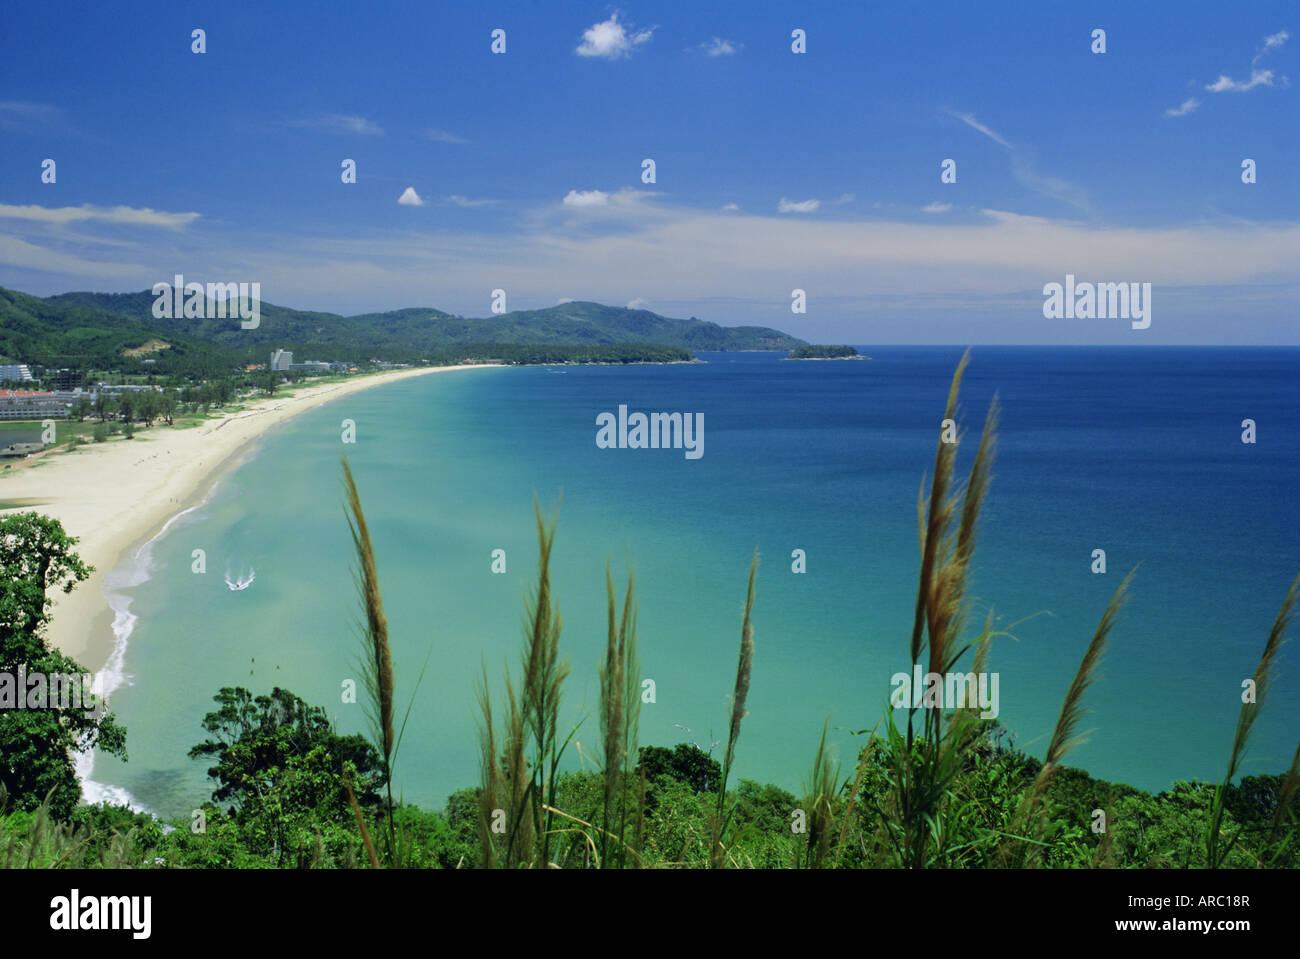 Karon Beach, Phuket, Thailand, Asia - Stock Image